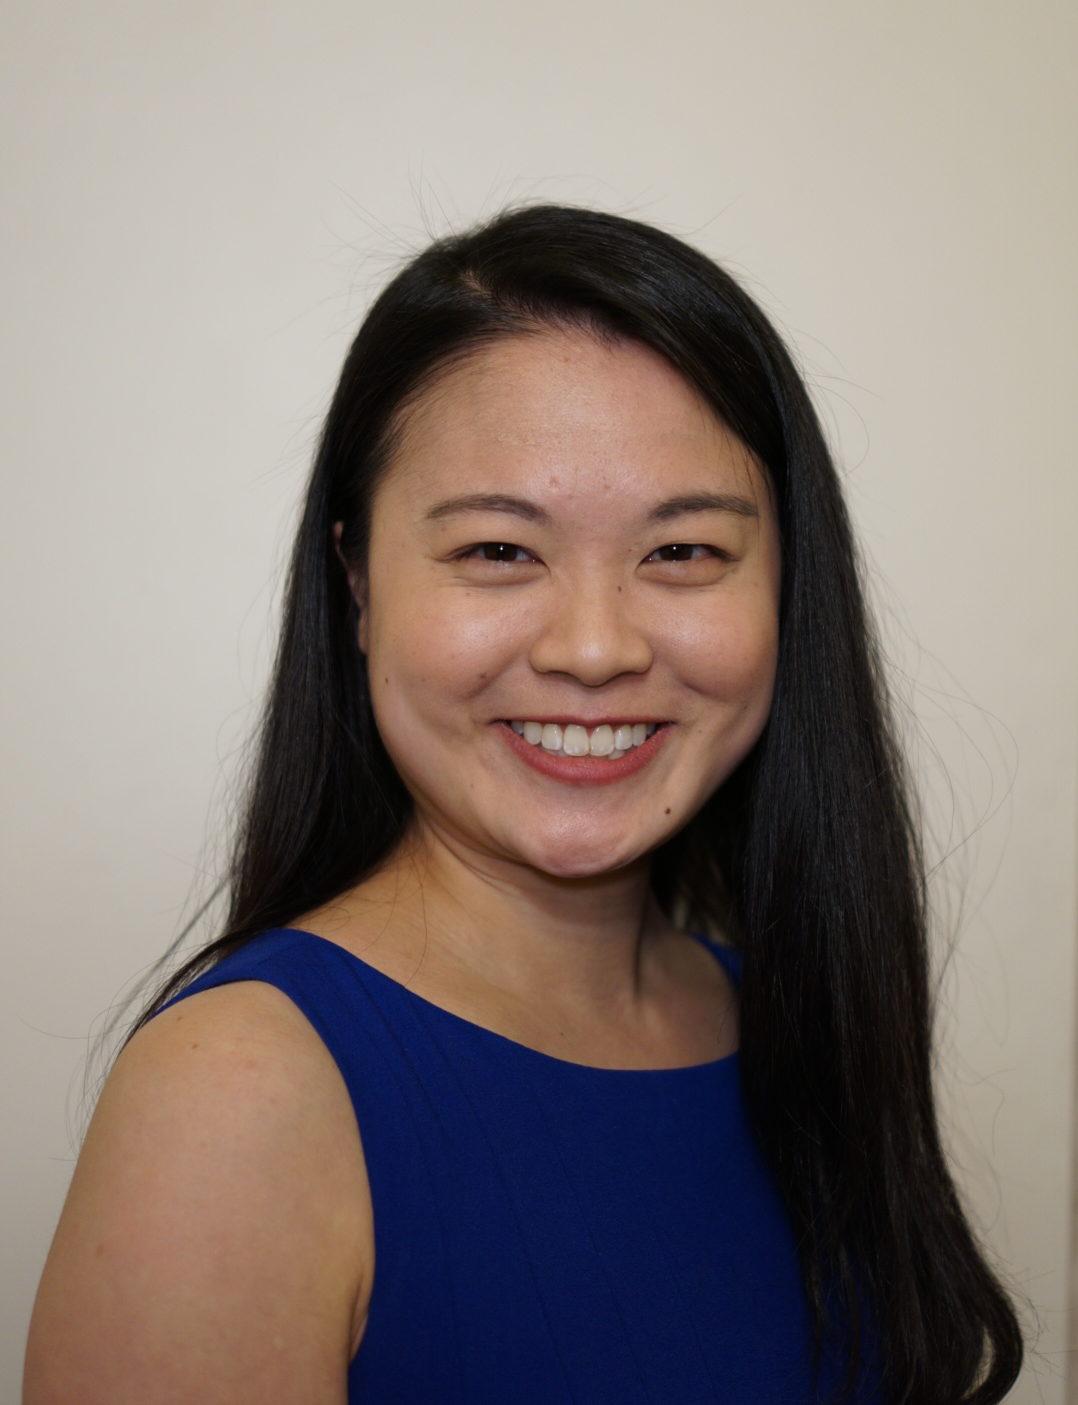 Sarah Wong : 2022 Representative